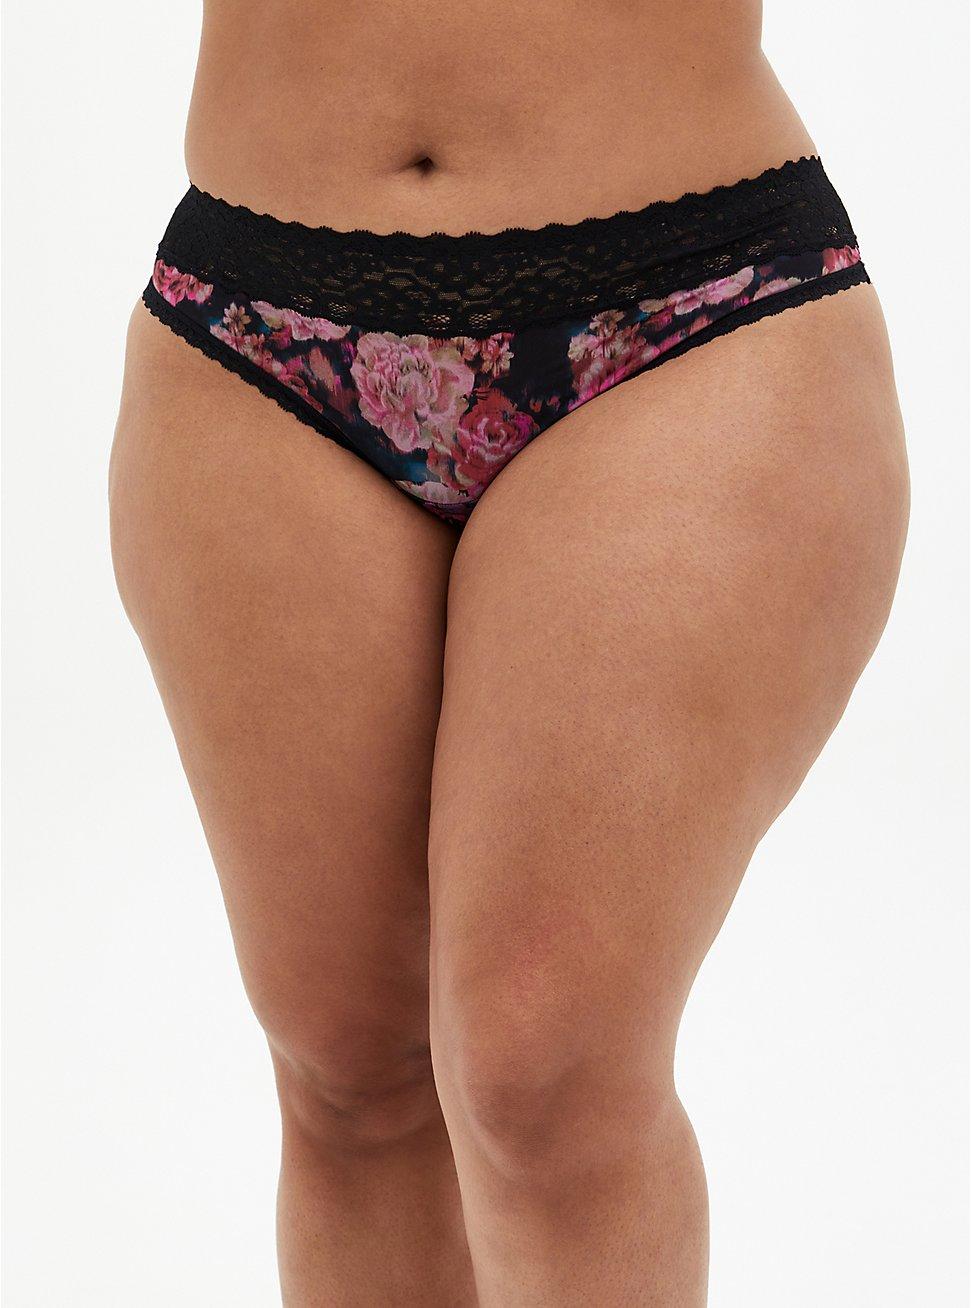 Black Floral Second Skin Thong Panty, ROSANNE FLORAL, hi-res